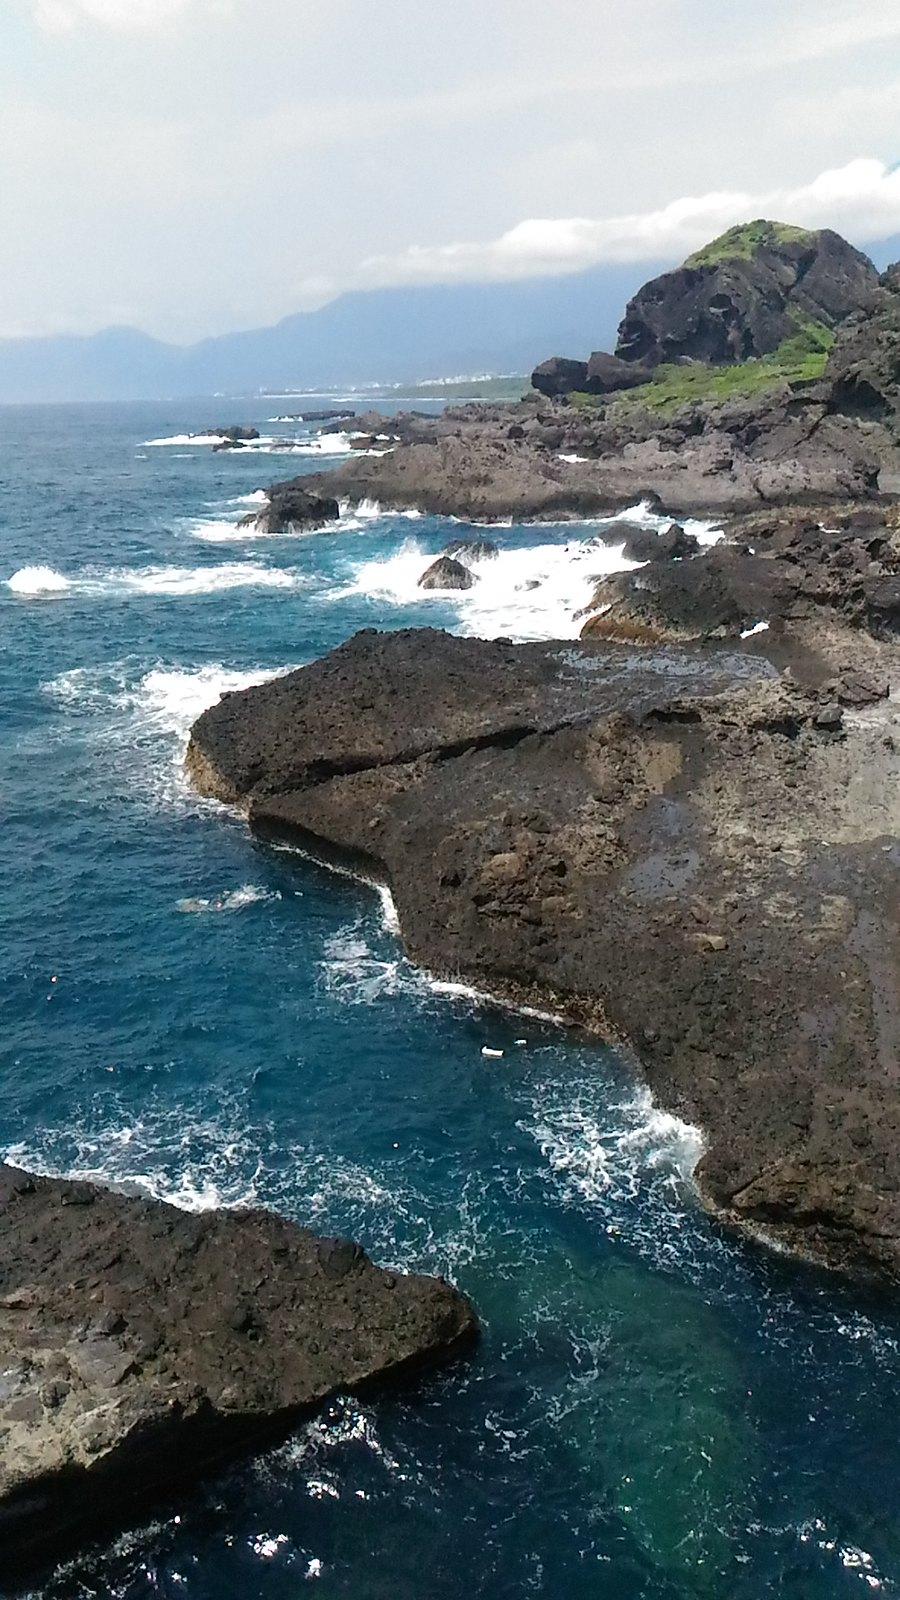 離岸島的火山岩地形與海蝕平台